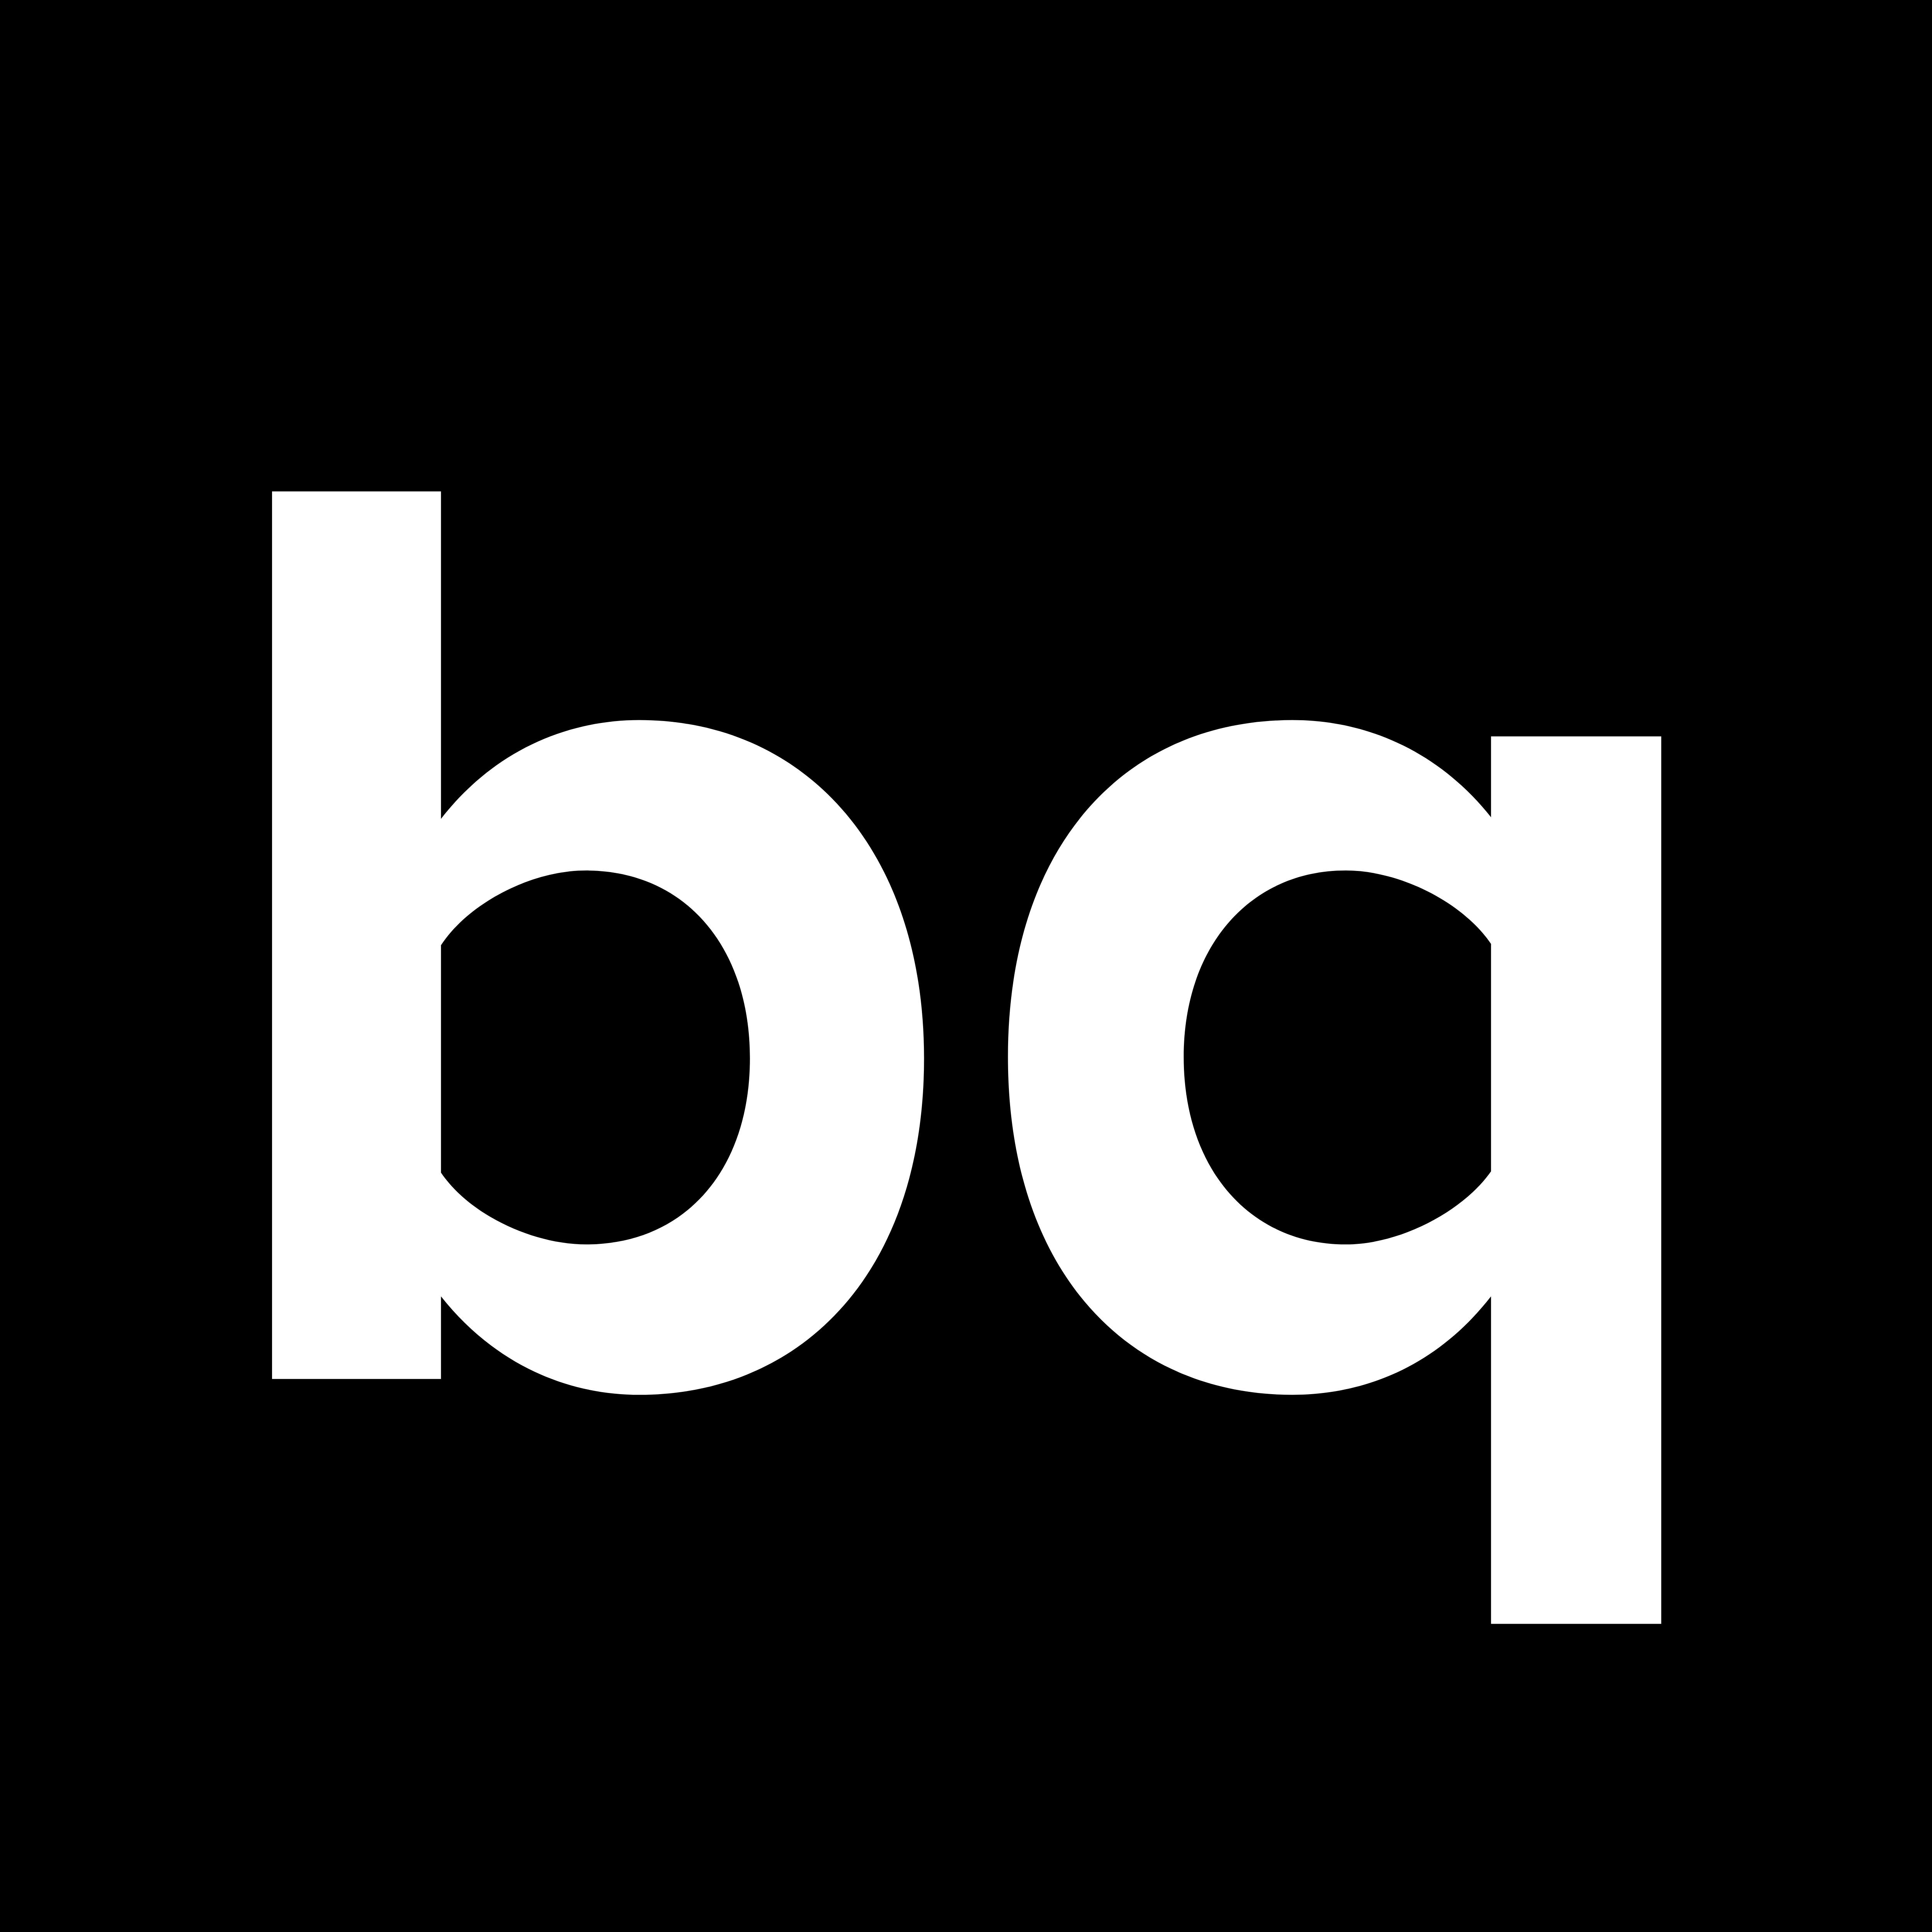 Logo Bitquick - bq - @bitquick - bitquick.com